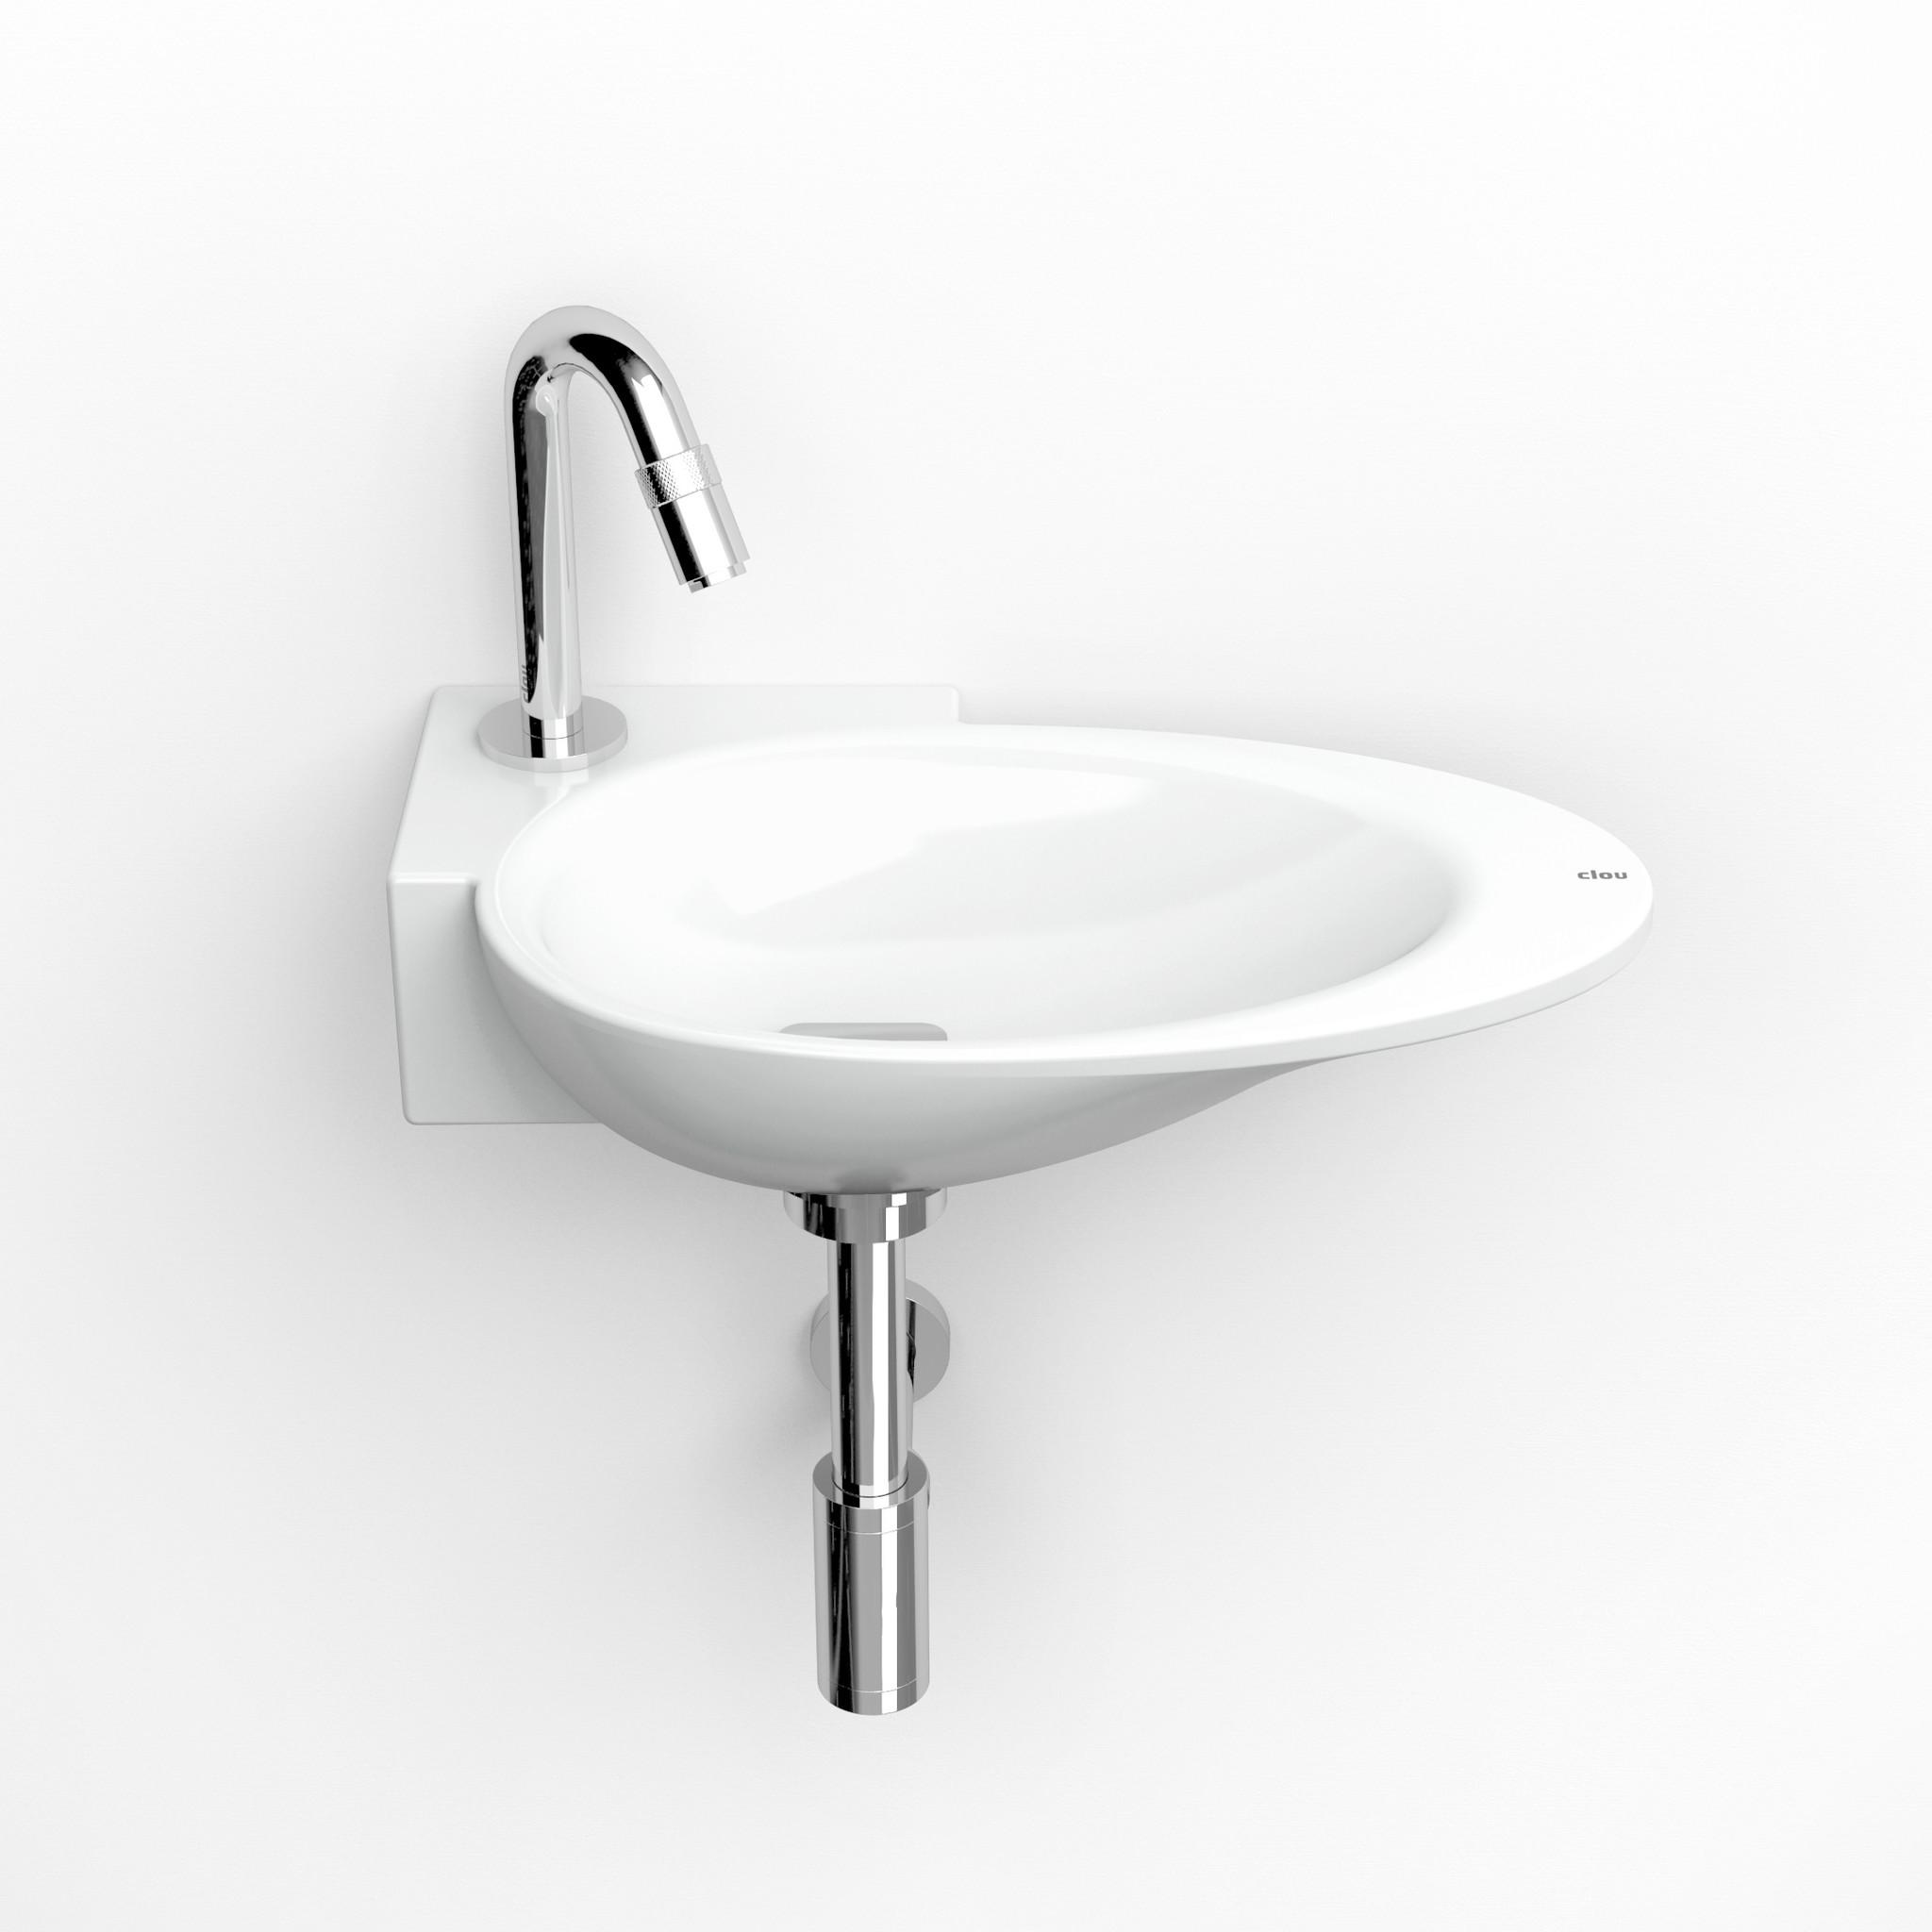 First handbasin left